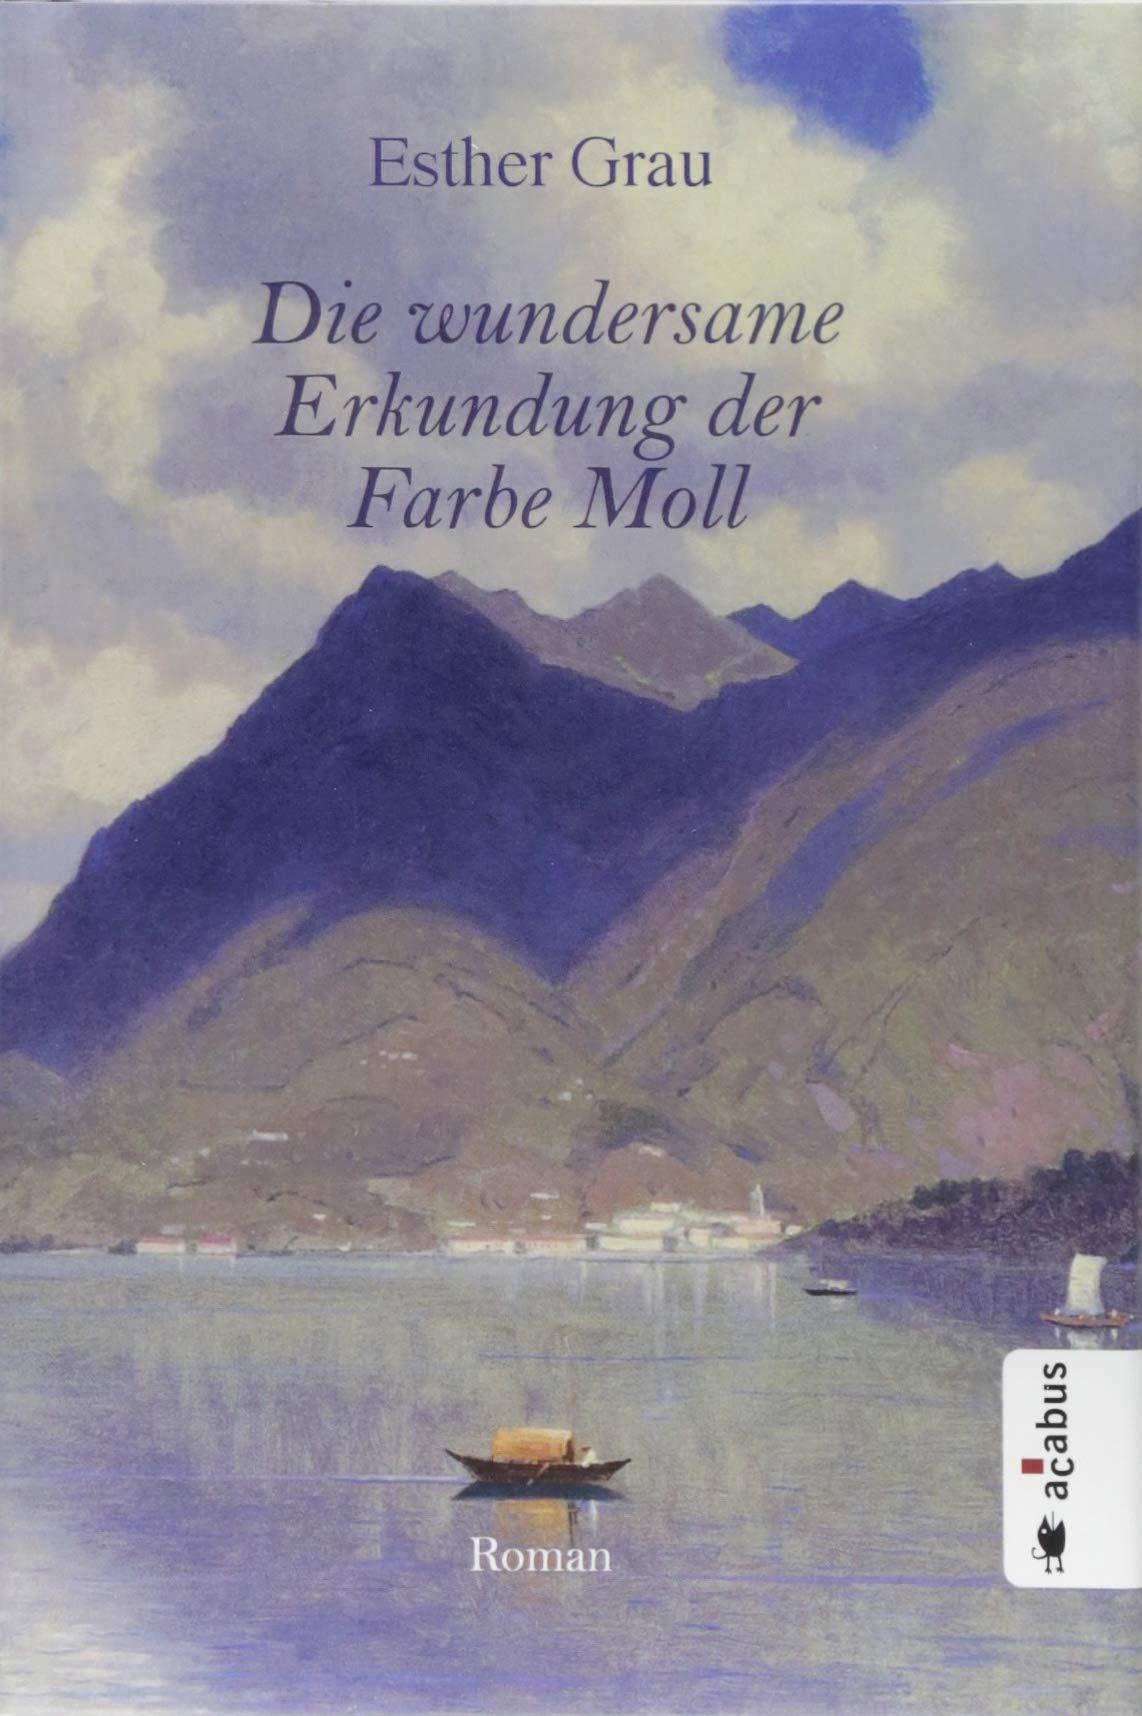 Die wundersame Erkundung der Farbe Moll: Roman